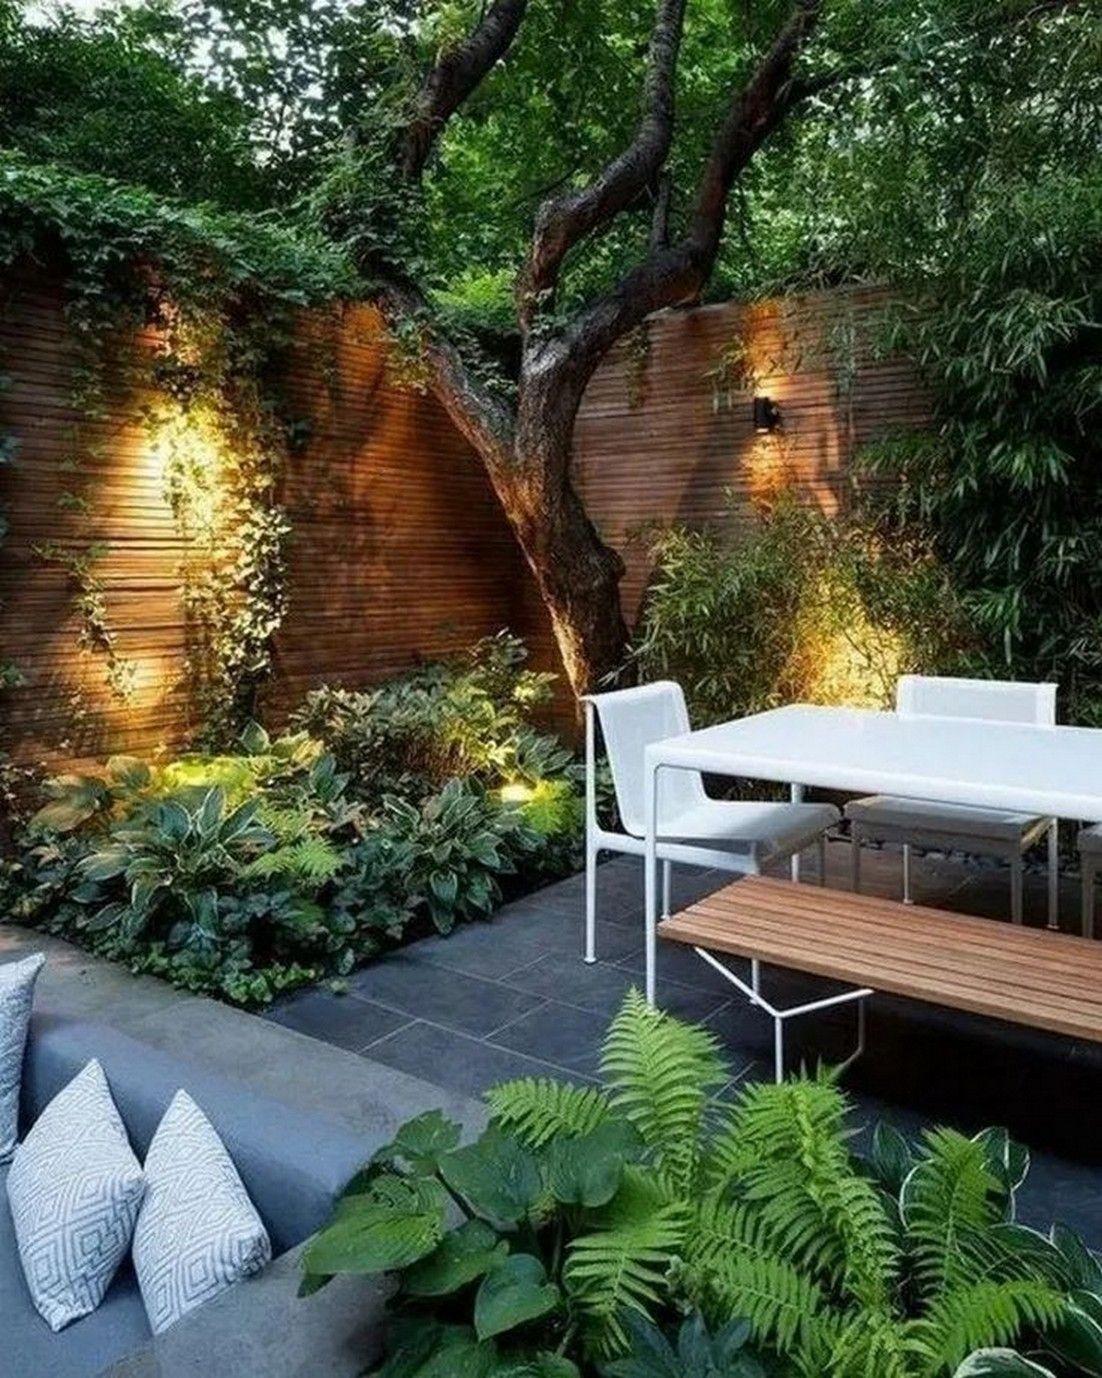 70 Minimalist Garden Design Ideas For Small Garden 17 Courtyard Gardens Design Small Backyard Landscaping Townhouse Garden Small townhouse backyard ideas